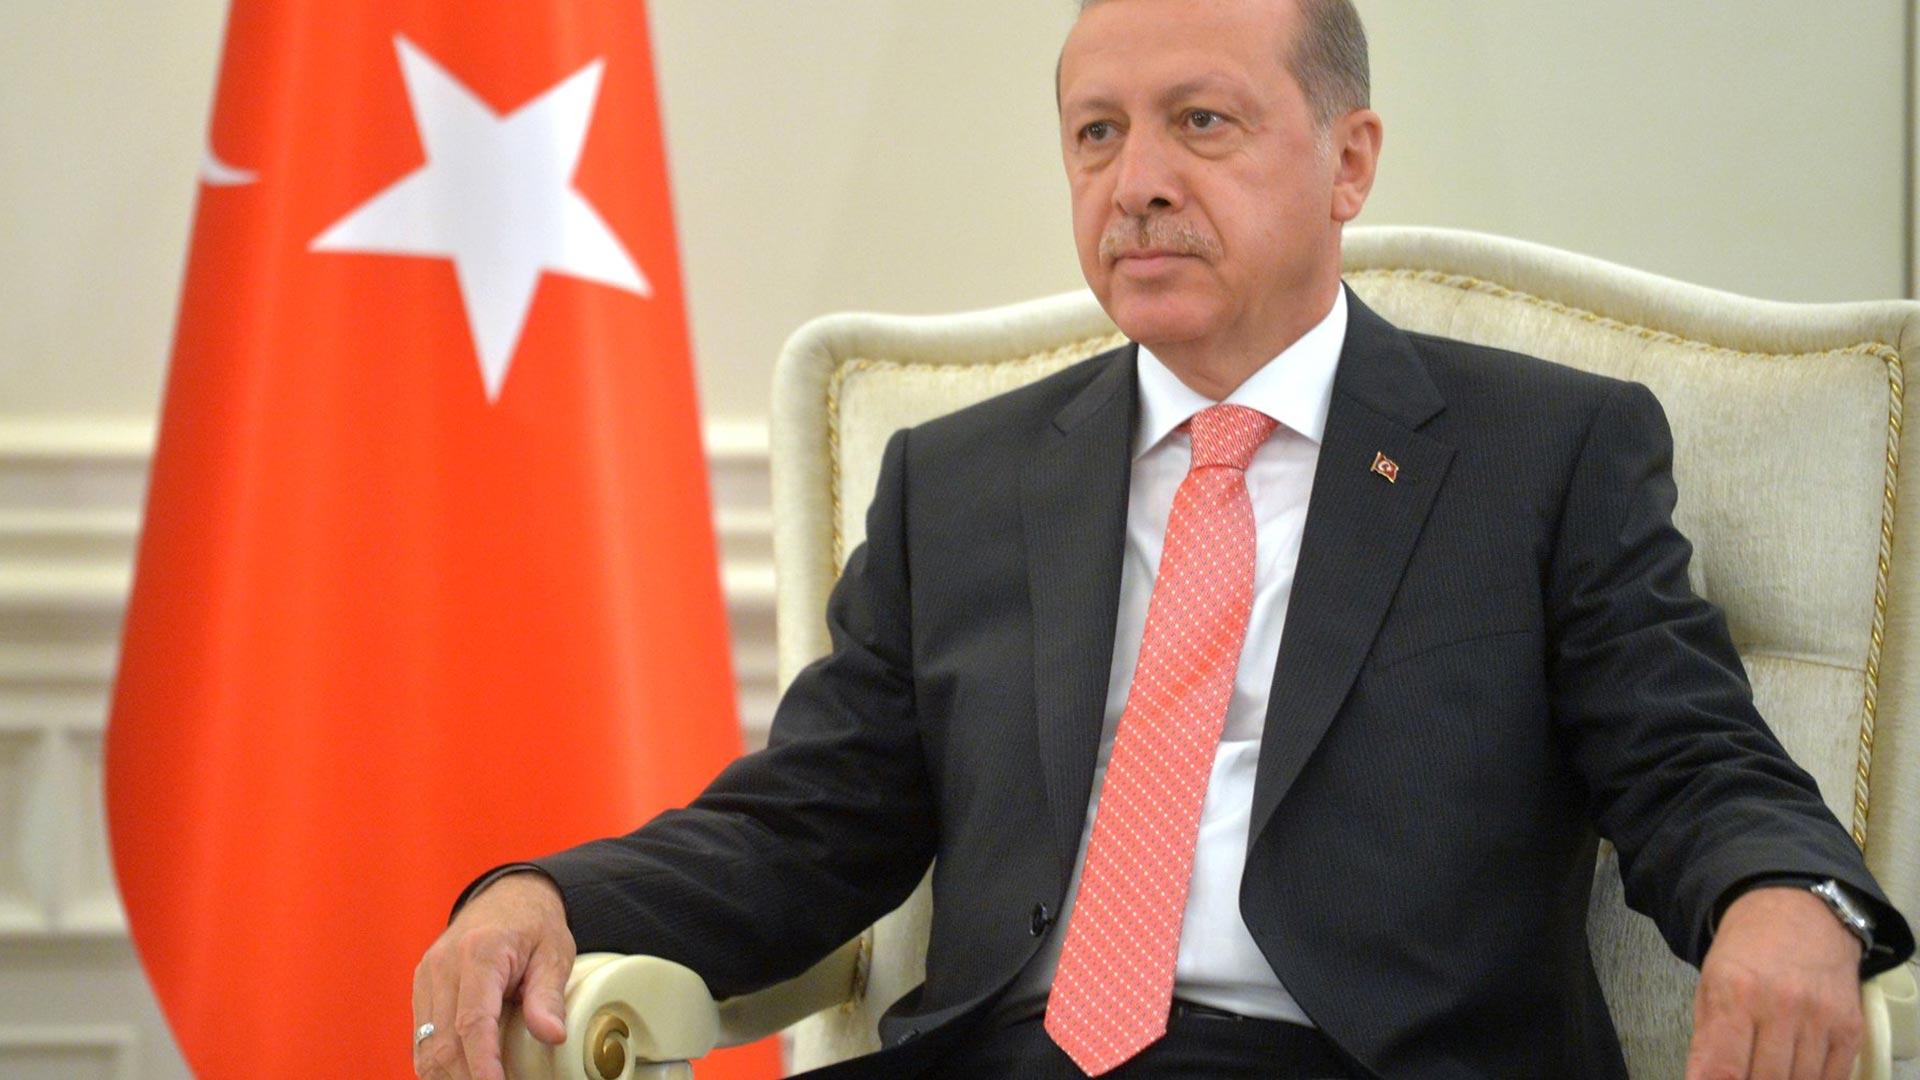 Presidente da Turquia declara guerra contra criptomoedas